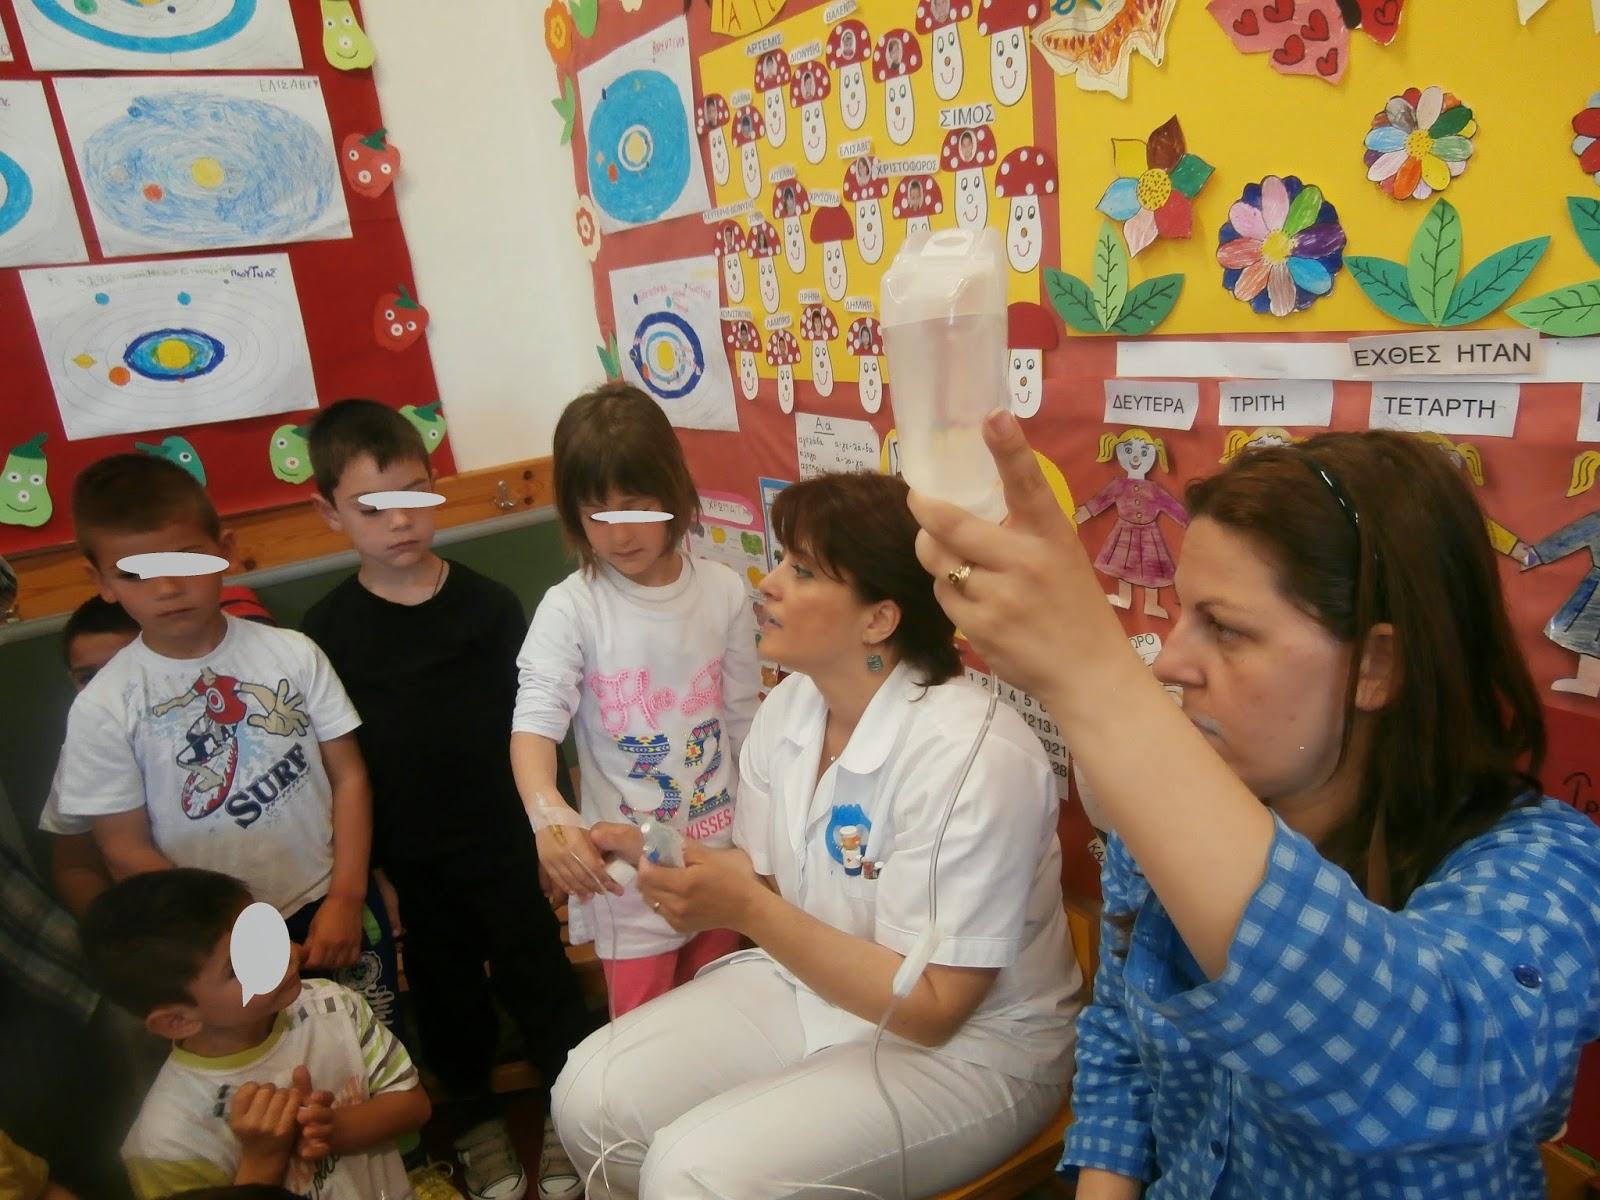 Επίσκεψη νοσηλεύτριας στο σχολείο μας.